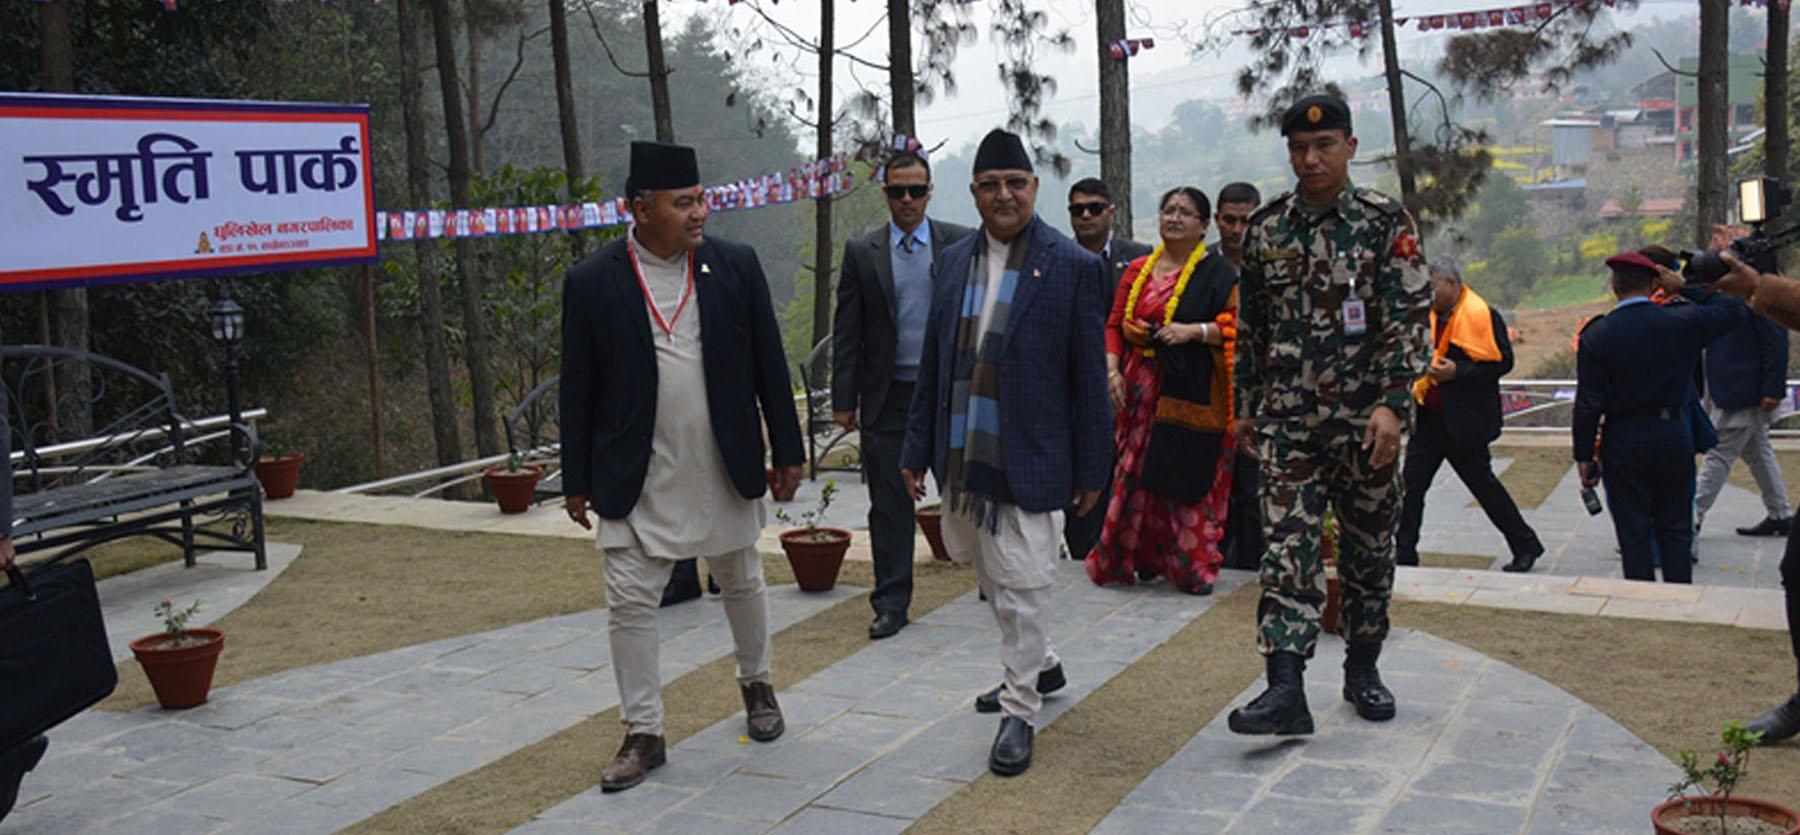 डिजिटल नेपाल बनाउने महाभियानमा छौँ – प्रधानमन्त्री